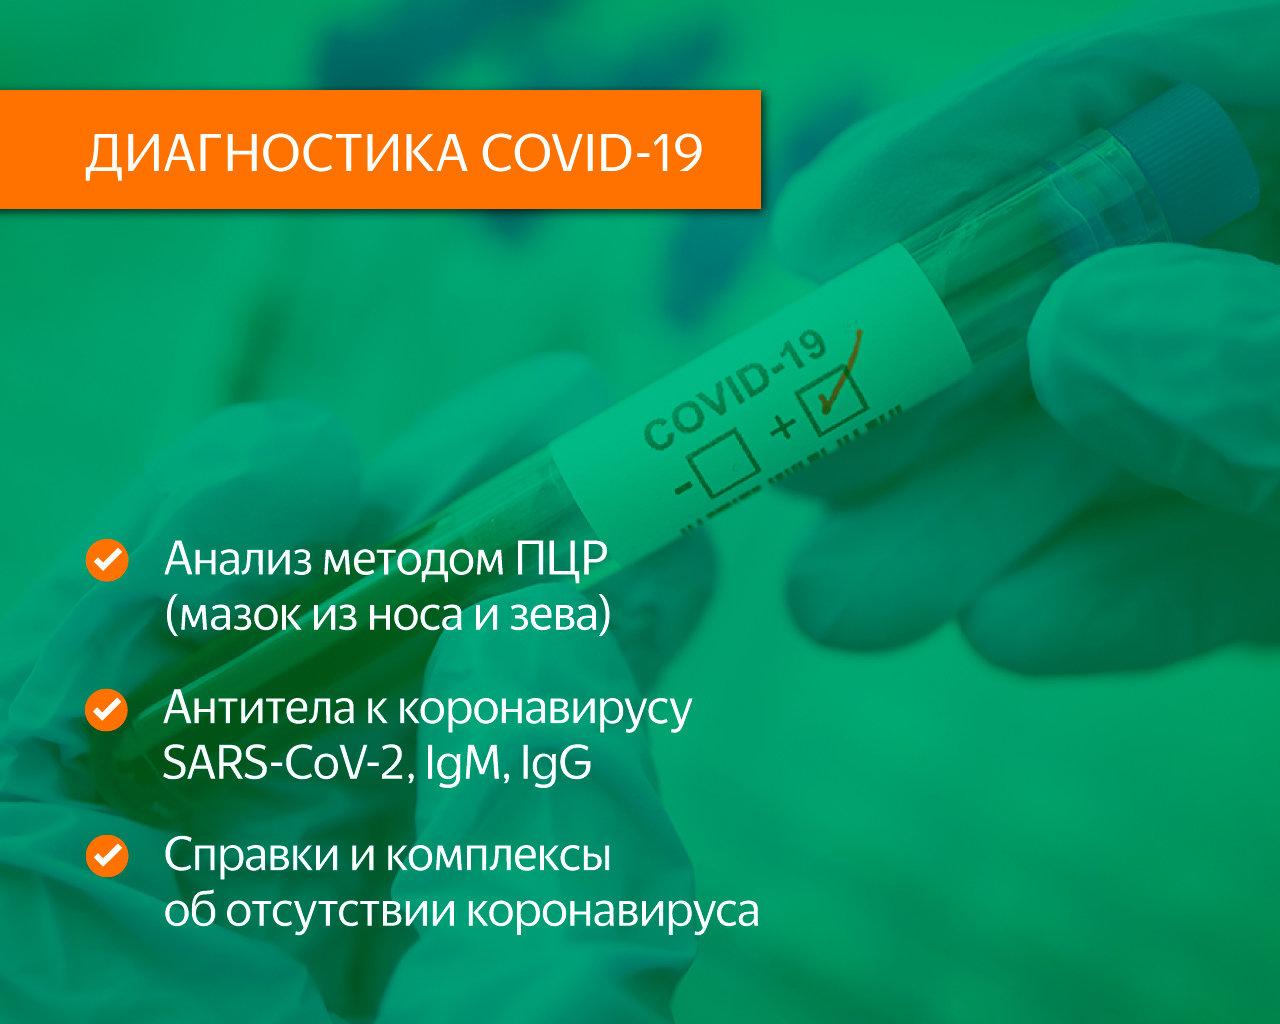 В Сергиевом Посаде в медицинском центре «Парацельс» можно сдать тесты на коронавирус и на антитела, получить справку.